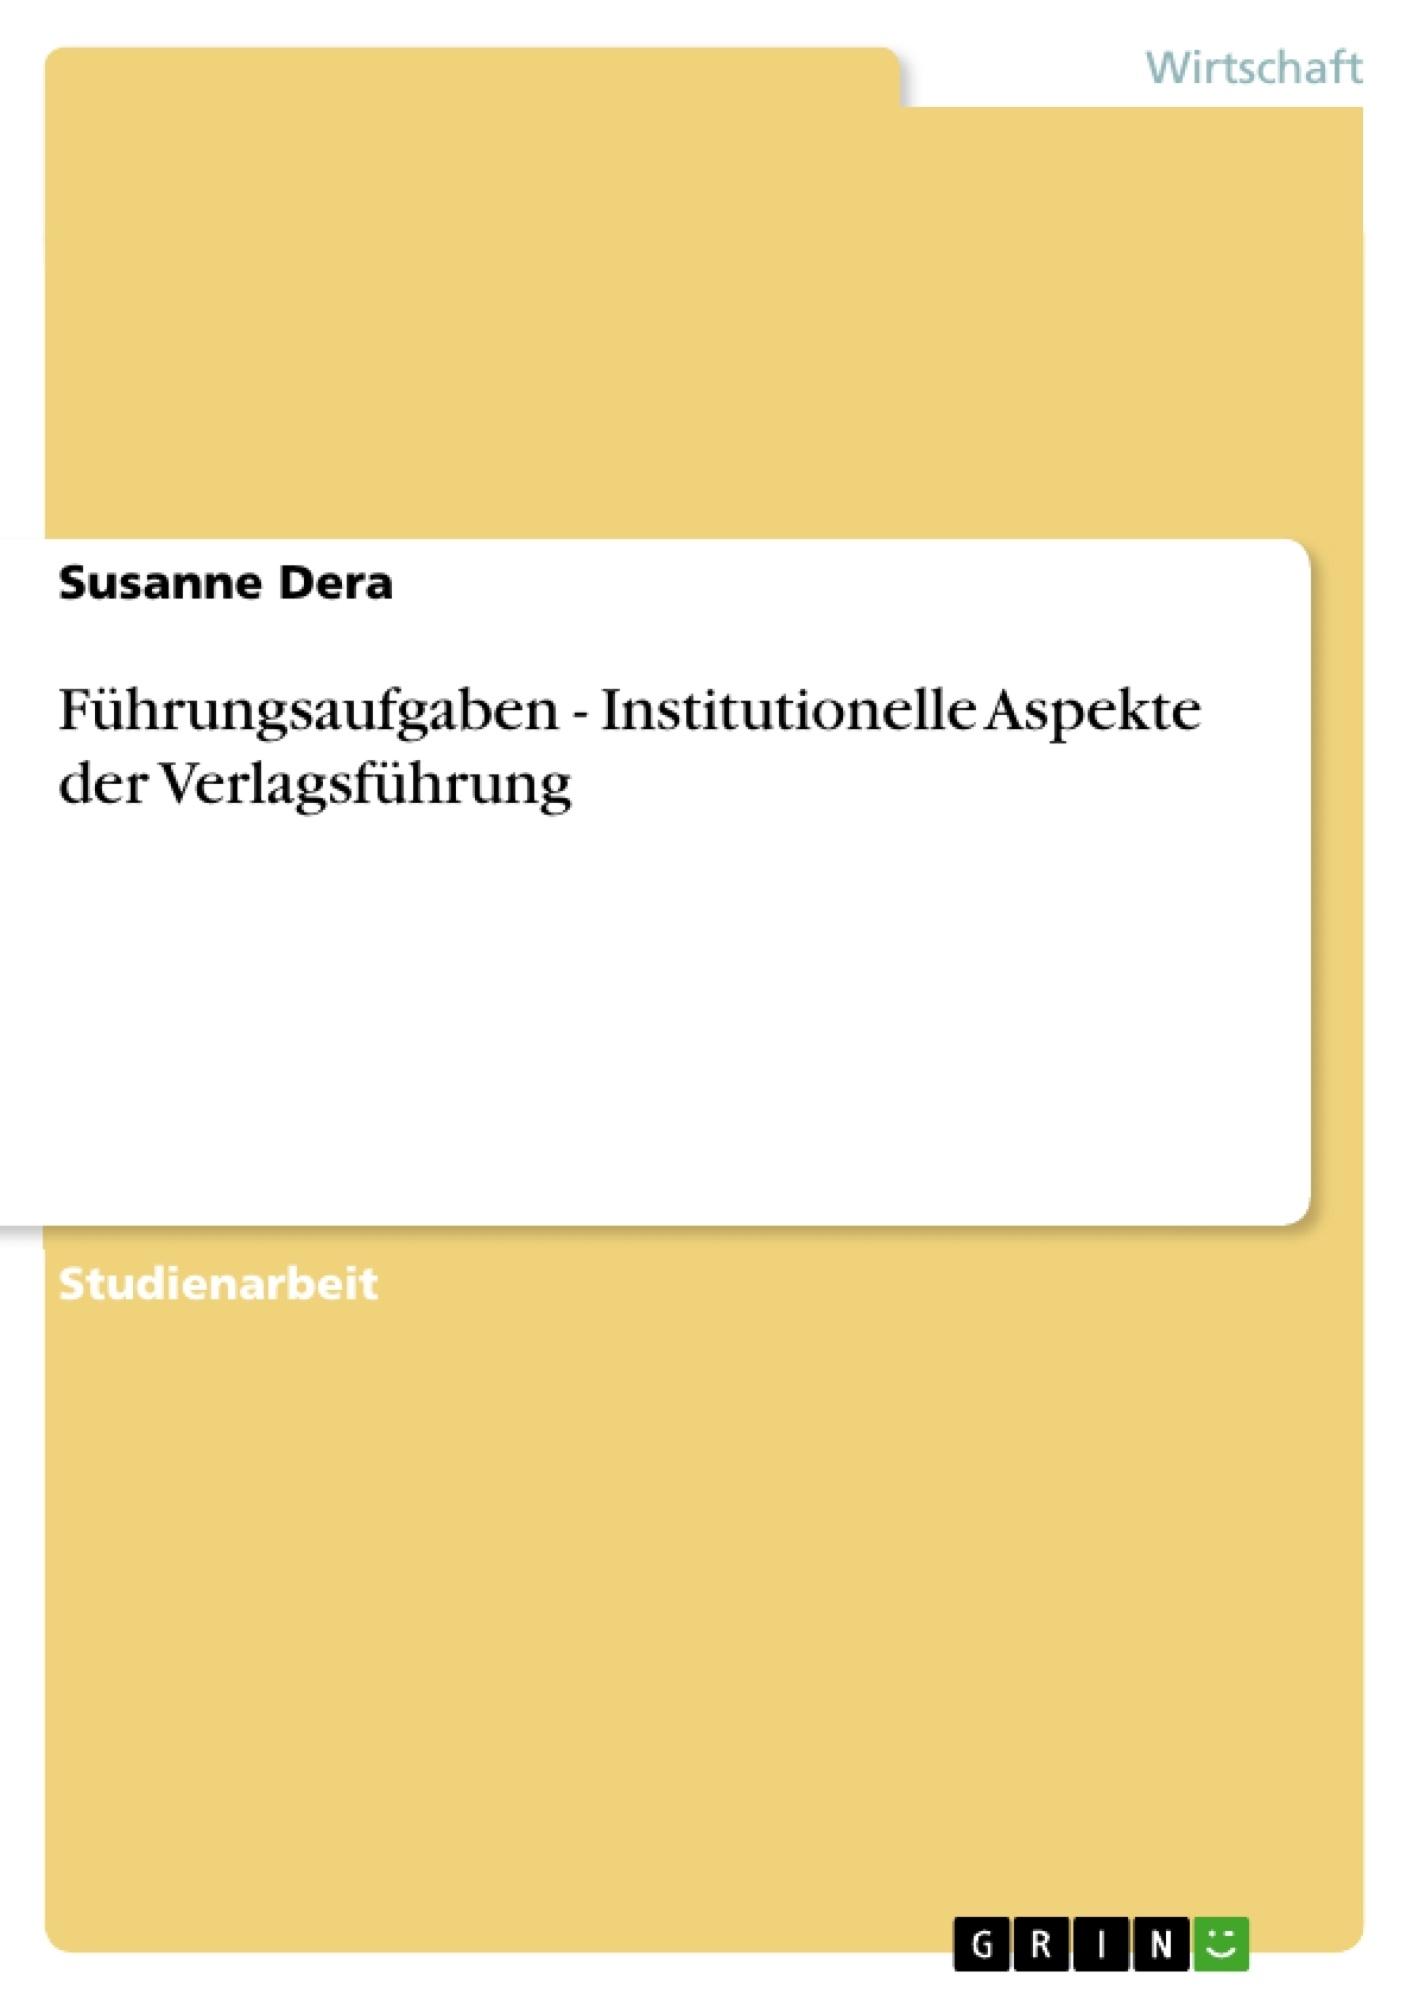 Titel: Führungsaufgaben - Institutionelle Aspekte der Verlagsführung